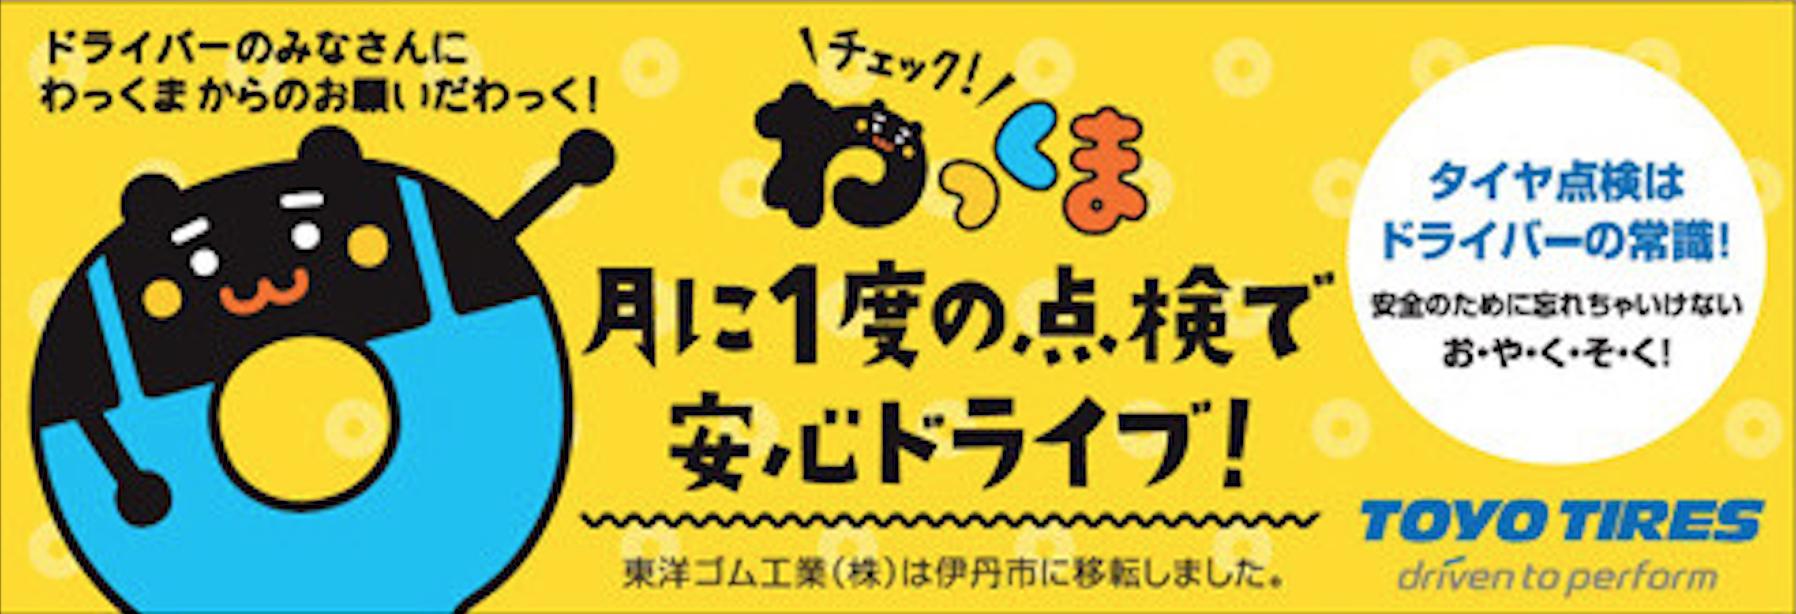 【告知】TOYO TIRES タイヤ安全啓発イベント